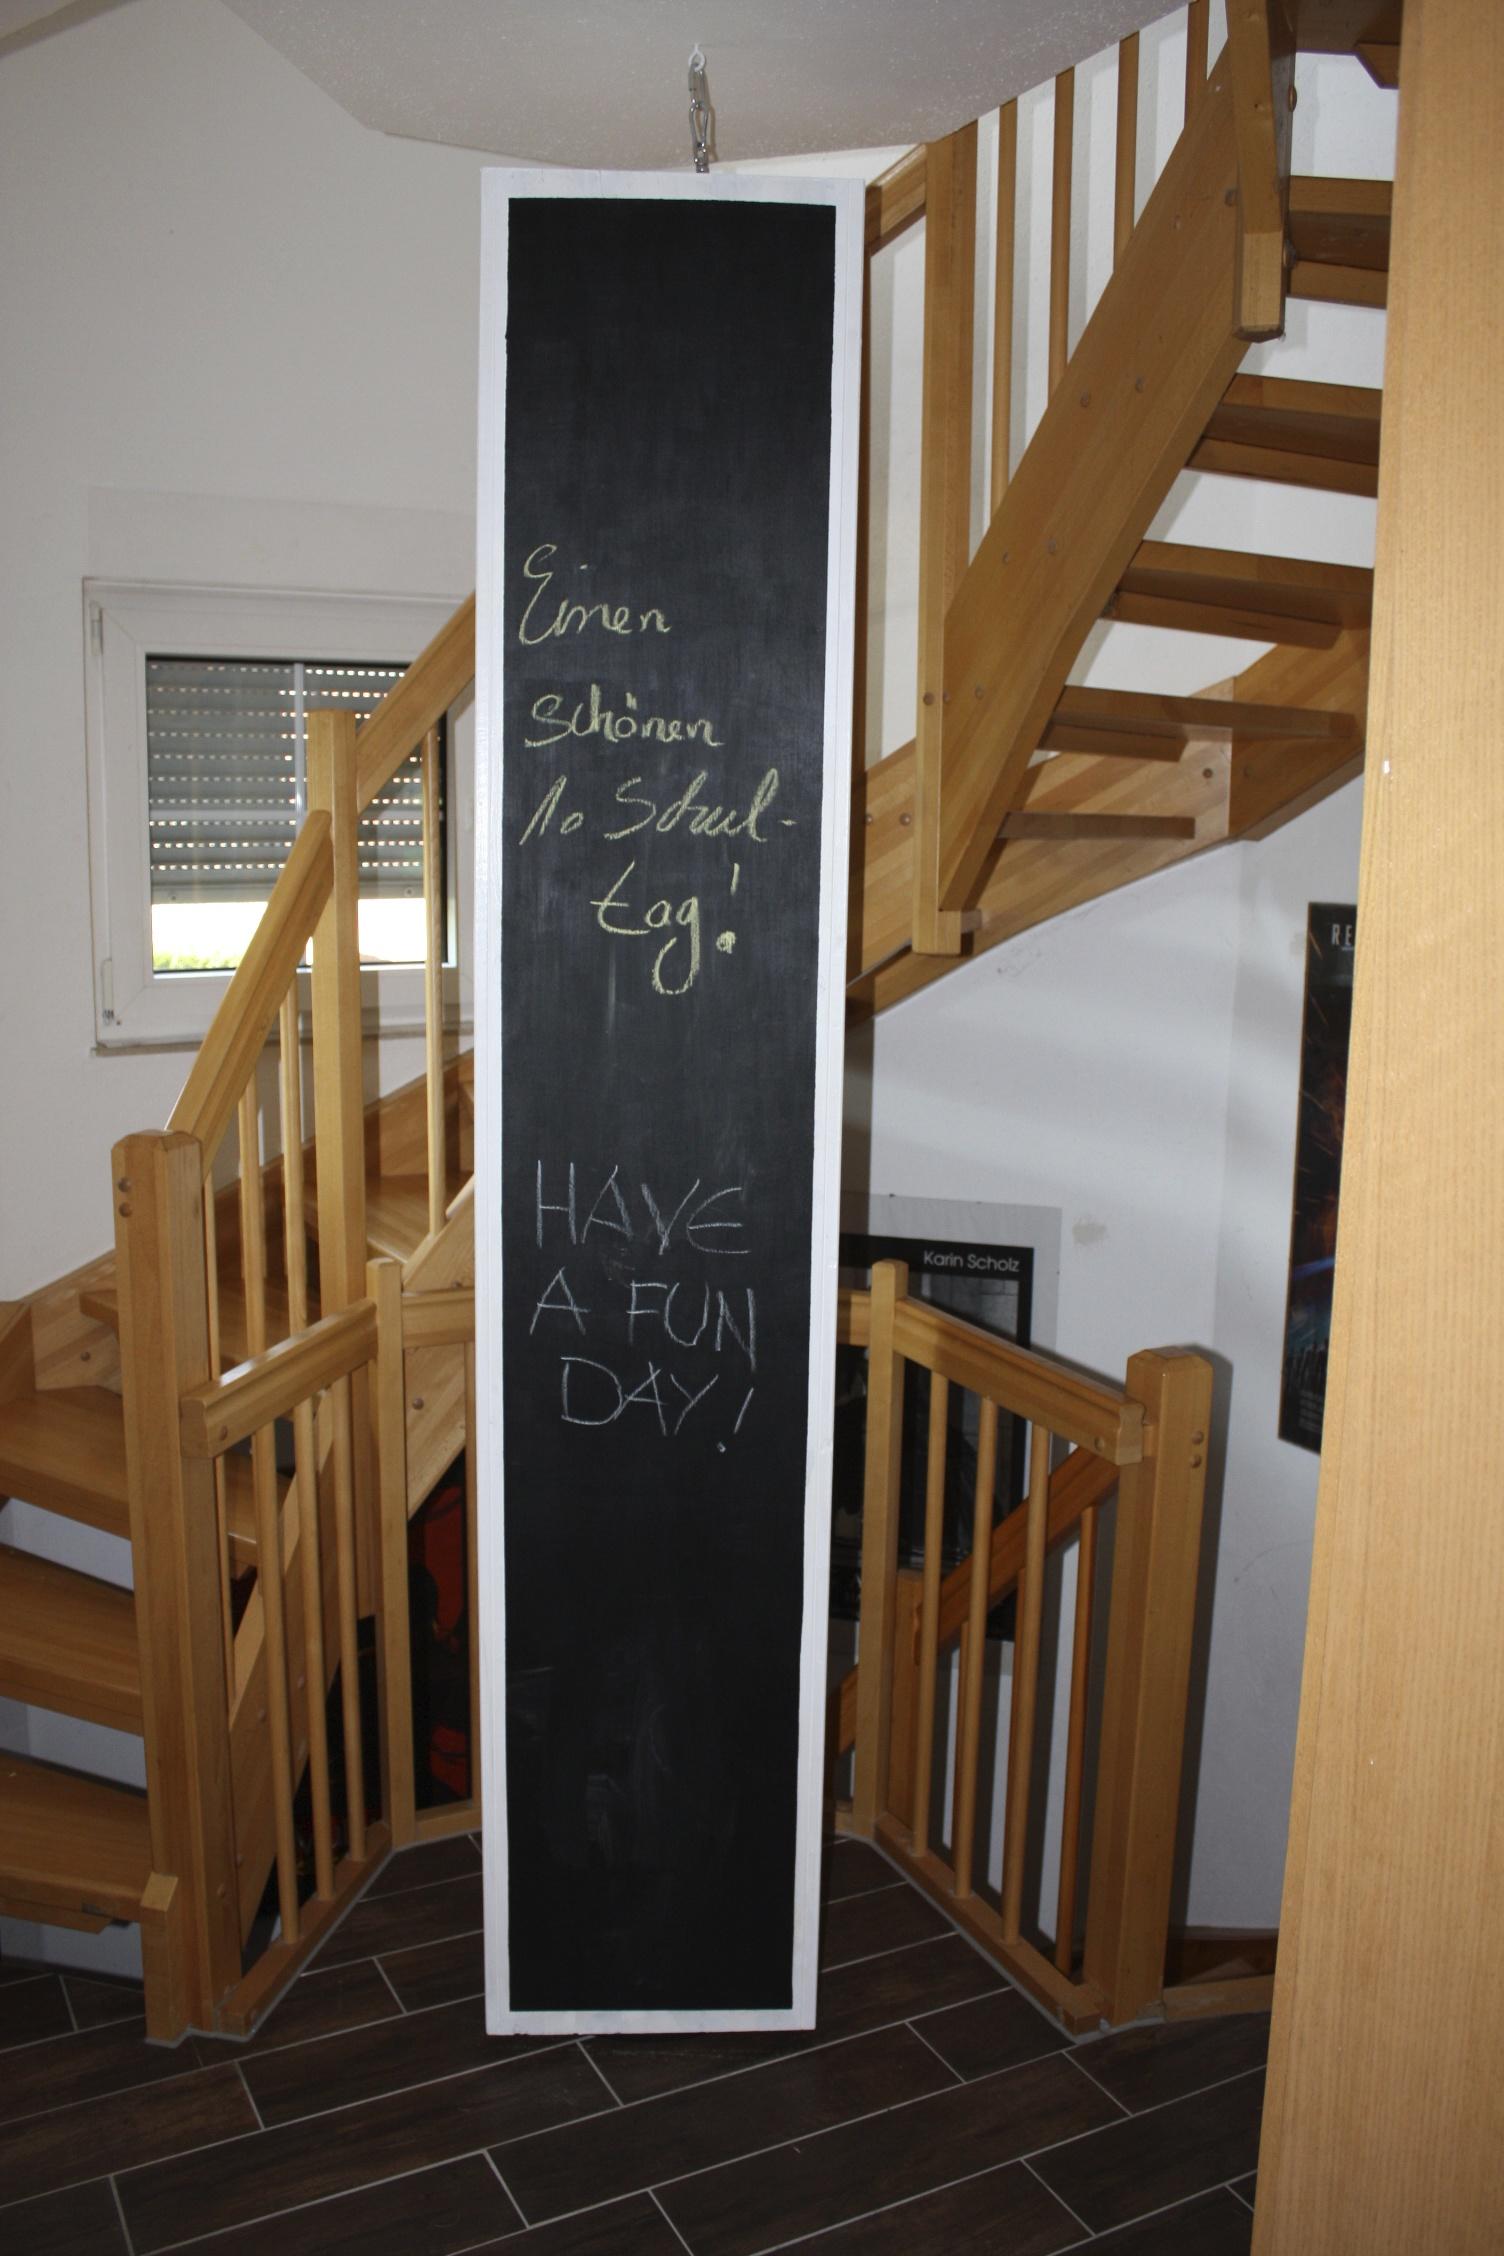 ein drehbarer schuhschrank f r die sch nste germanin wie sieht 39 s denn hier aus. Black Bedroom Furniture Sets. Home Design Ideas